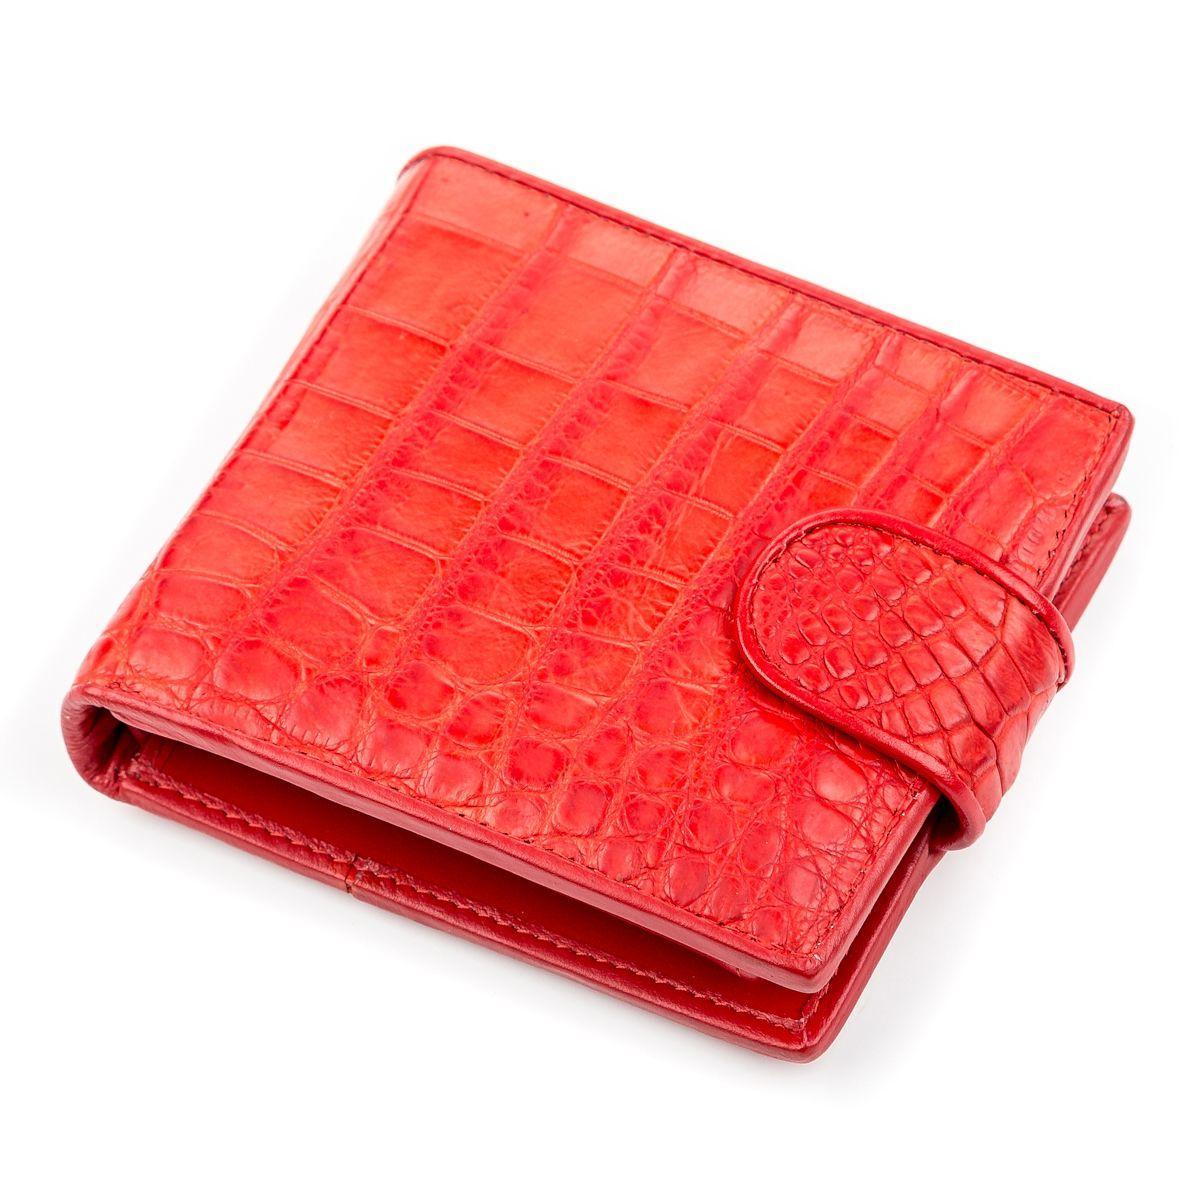 Портмоне женское  из натуральной кожи крокодила  Ekzotic Leather Красное (cw 68)